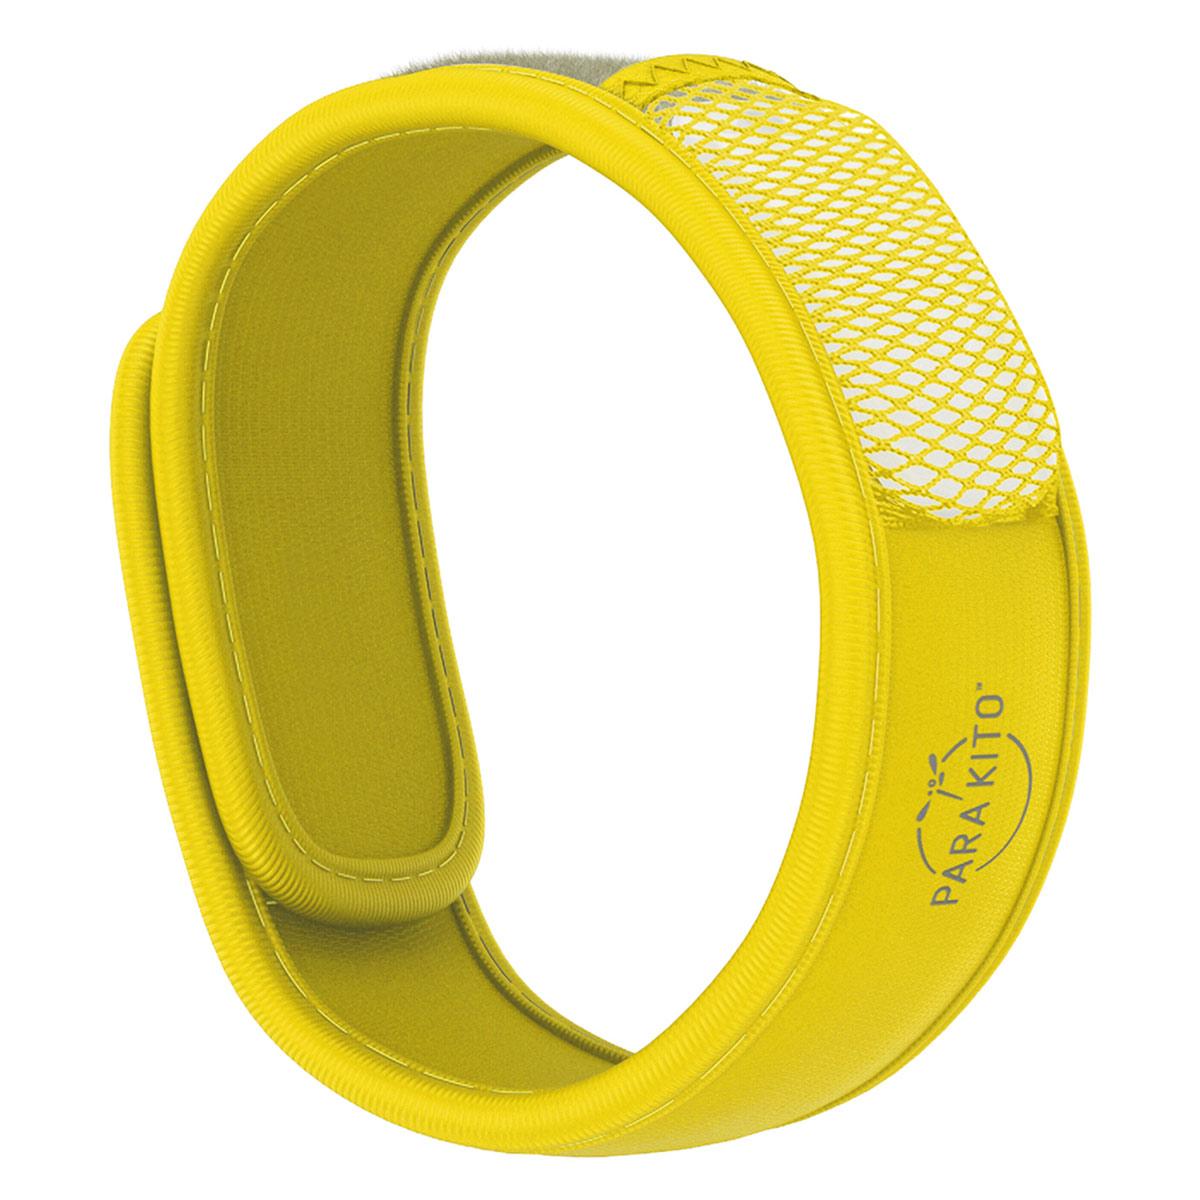 Viên Chống Muỗi PARA'KITO™ Kèm Vòng Đeo Tay Bằng Vải Màu Vàng (Loại 2 Viên) - PARA'KITO™ Mosquito Repellent Yellow Band With 2 Tablets - PCWB05